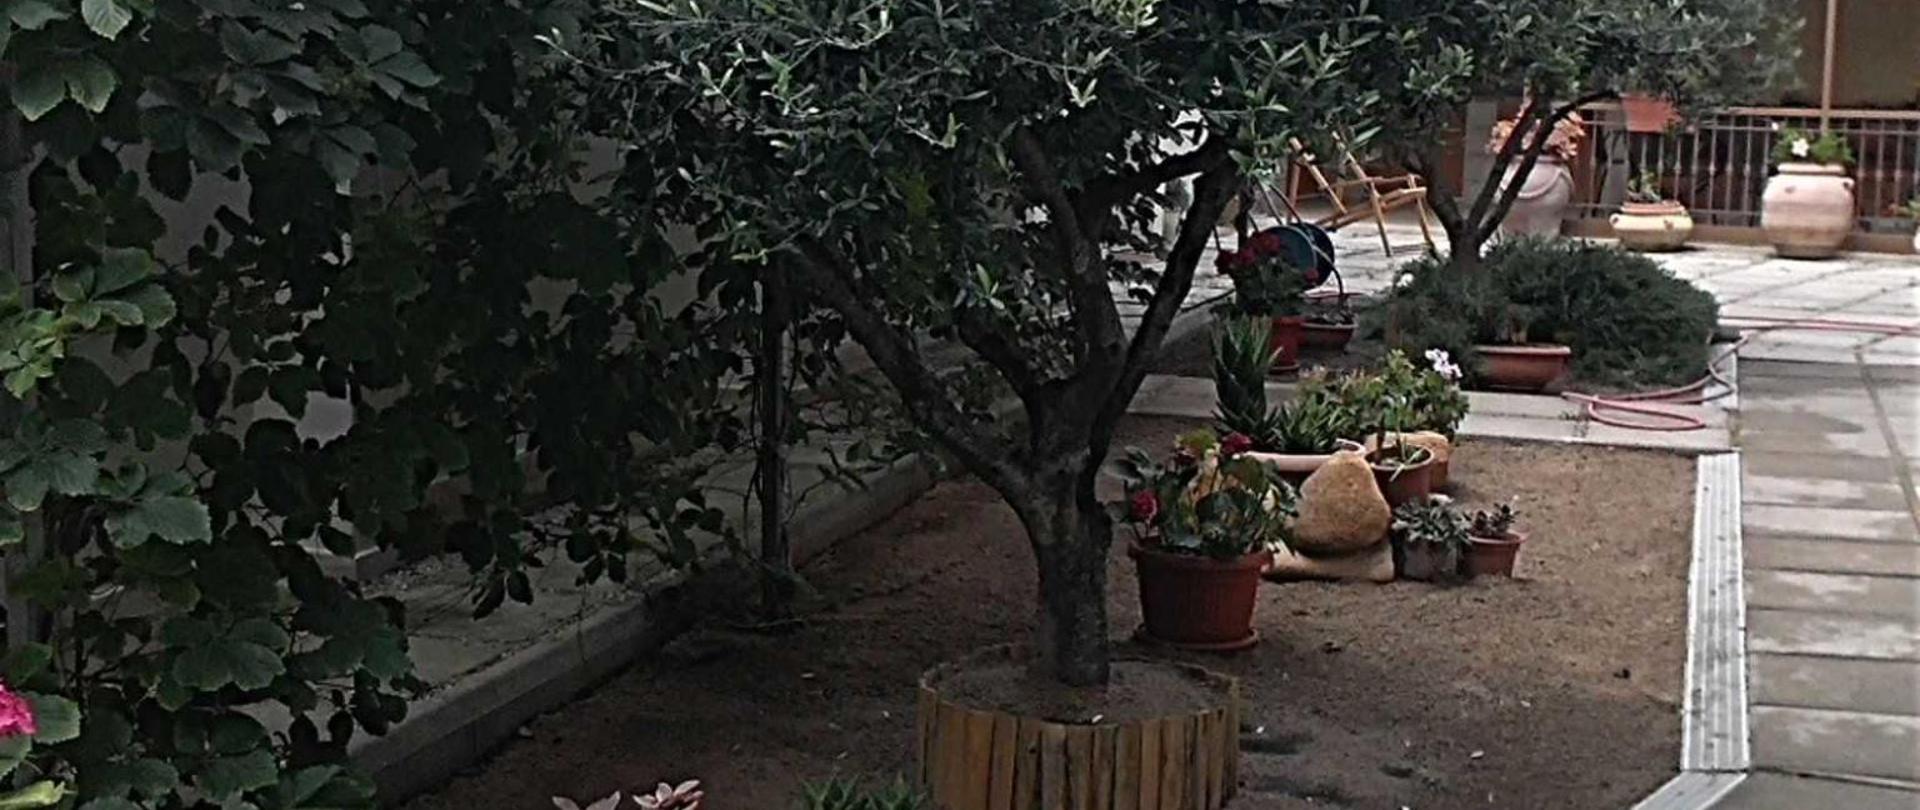 giardino-6.jpg